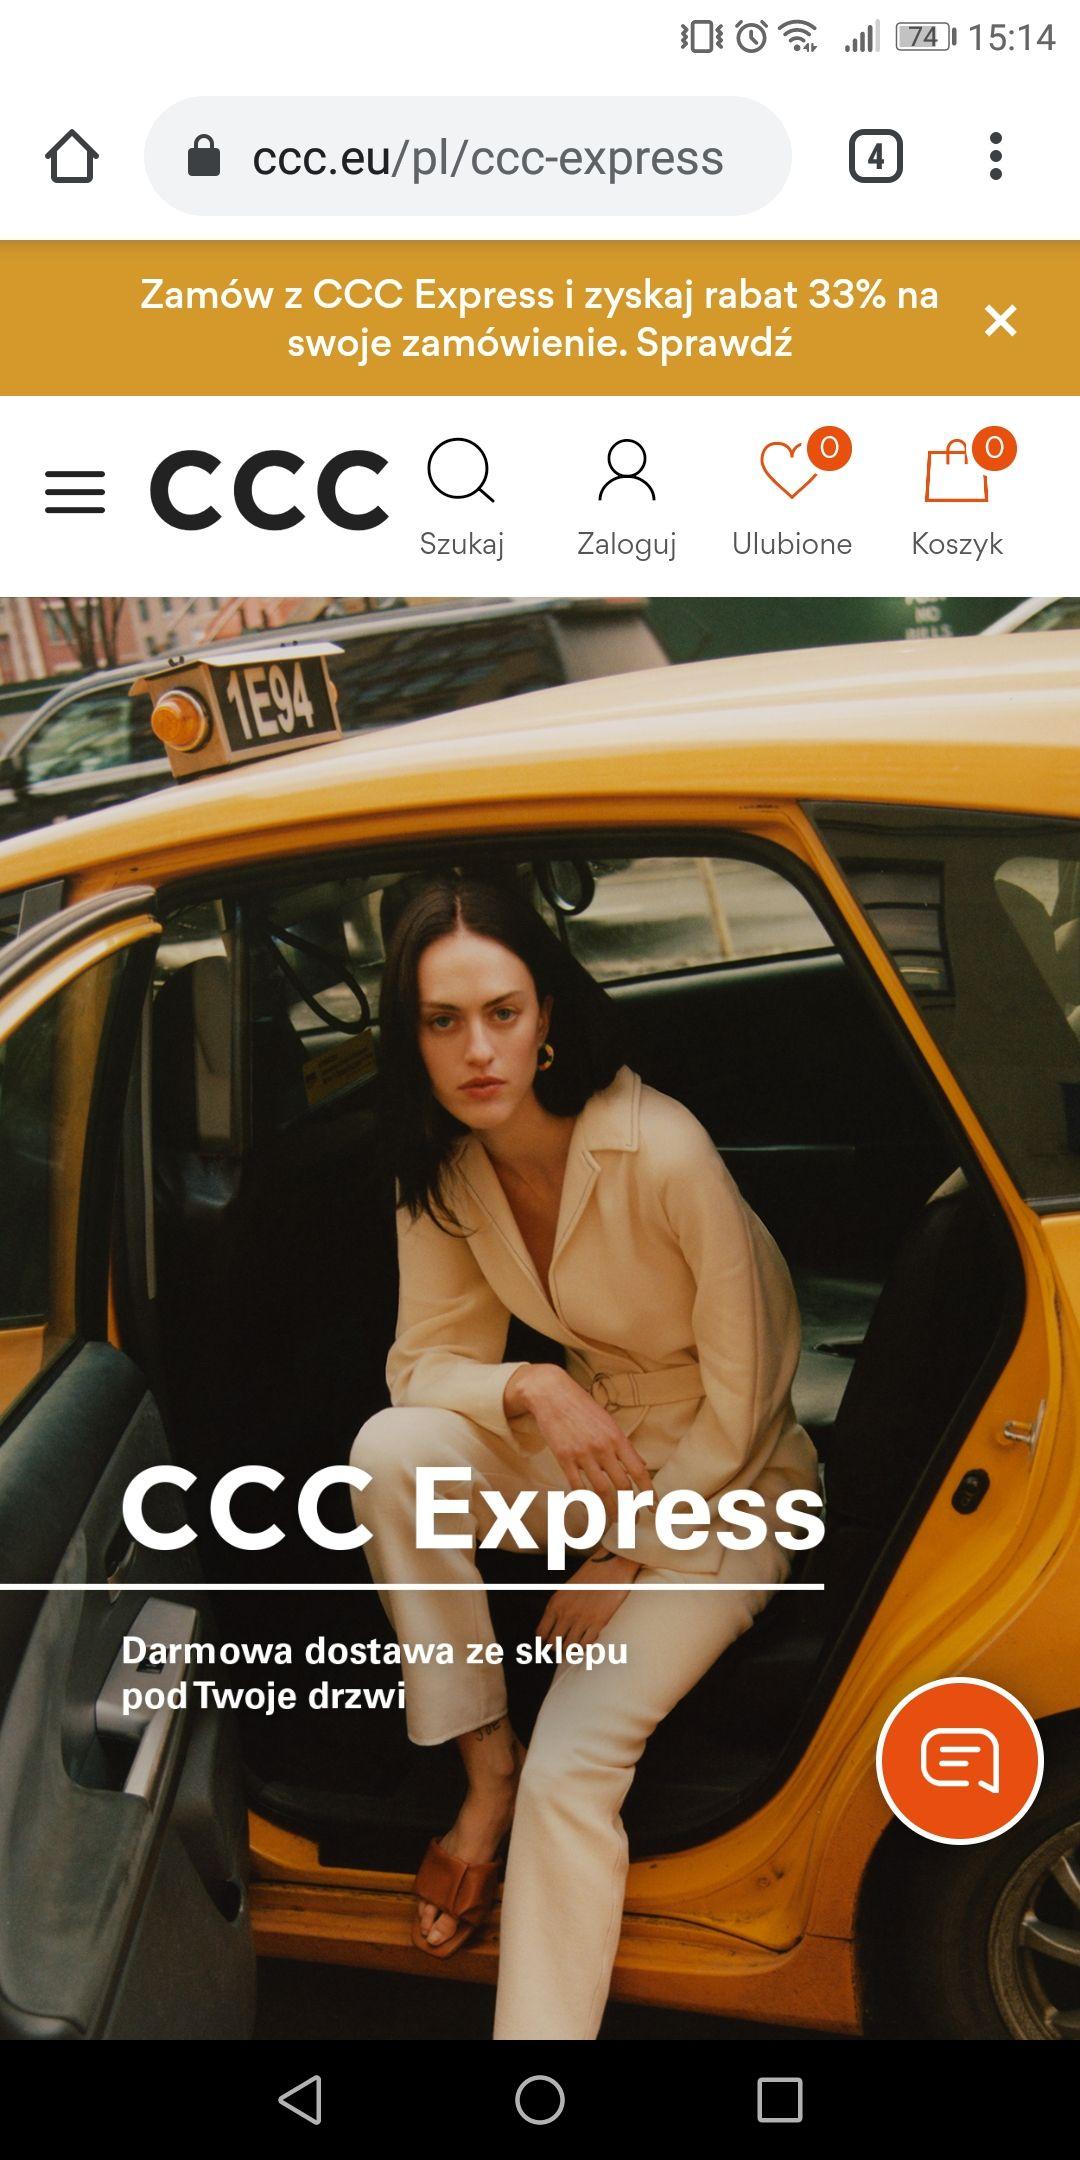 CCC -33% na wszystko przy zamowieniu przez CCC Express